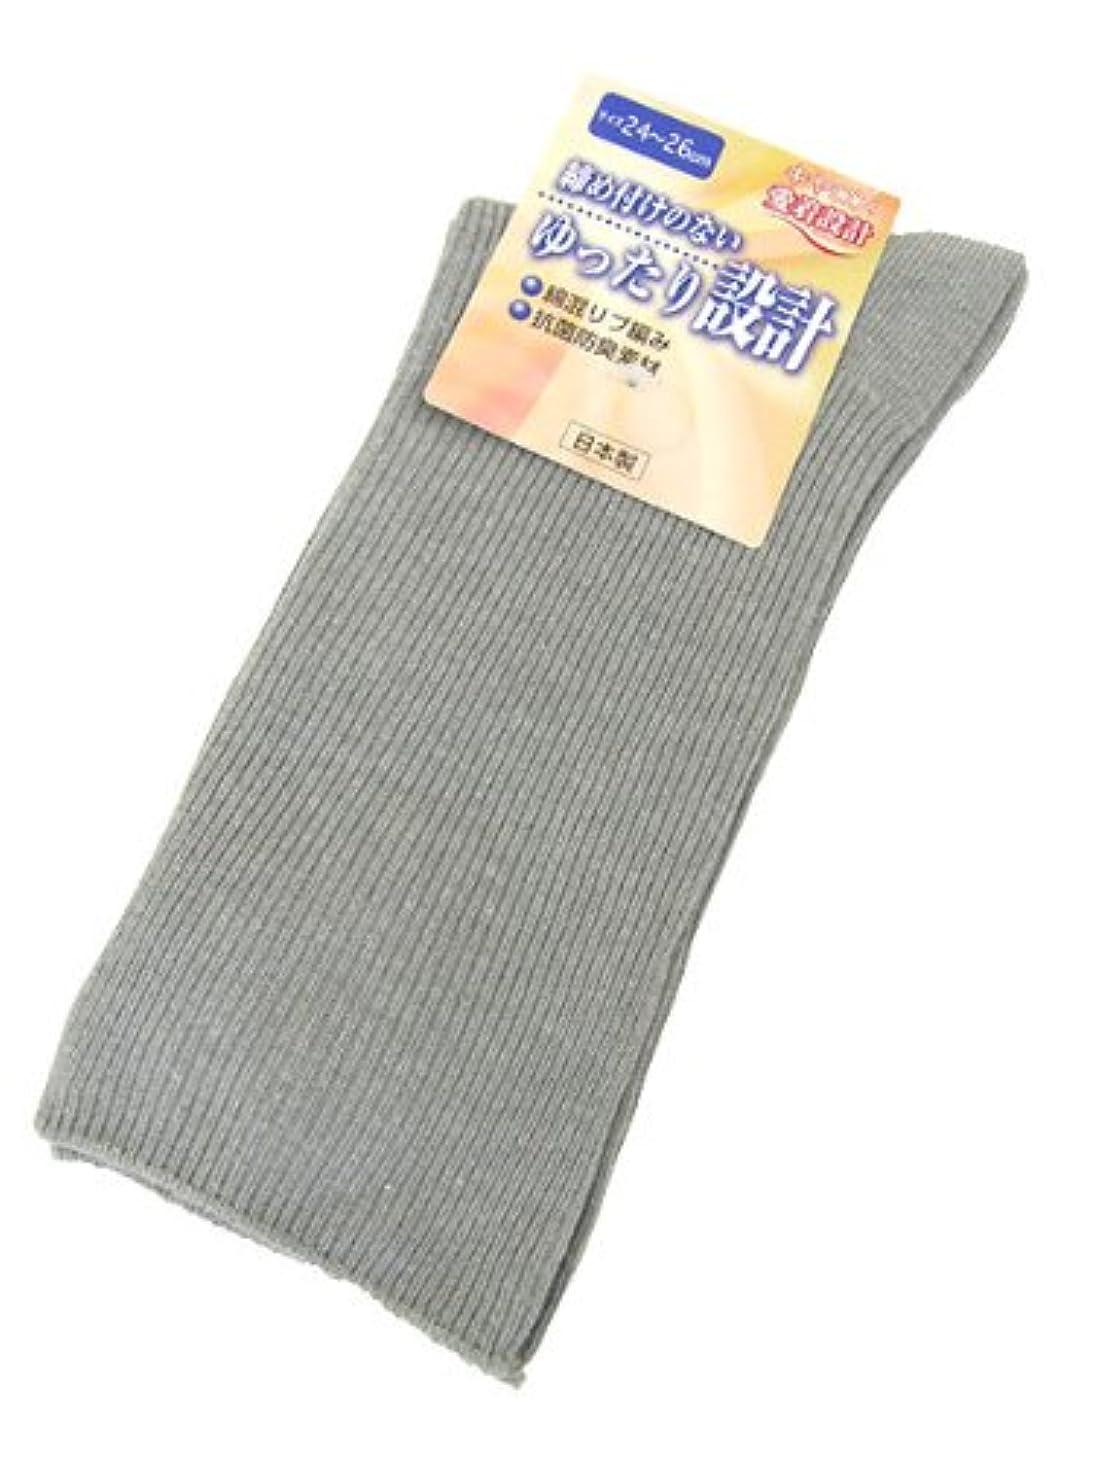 委託防ぐ習字ゆったり設計ソックス綿混リブ 紳士用 ライトグレー